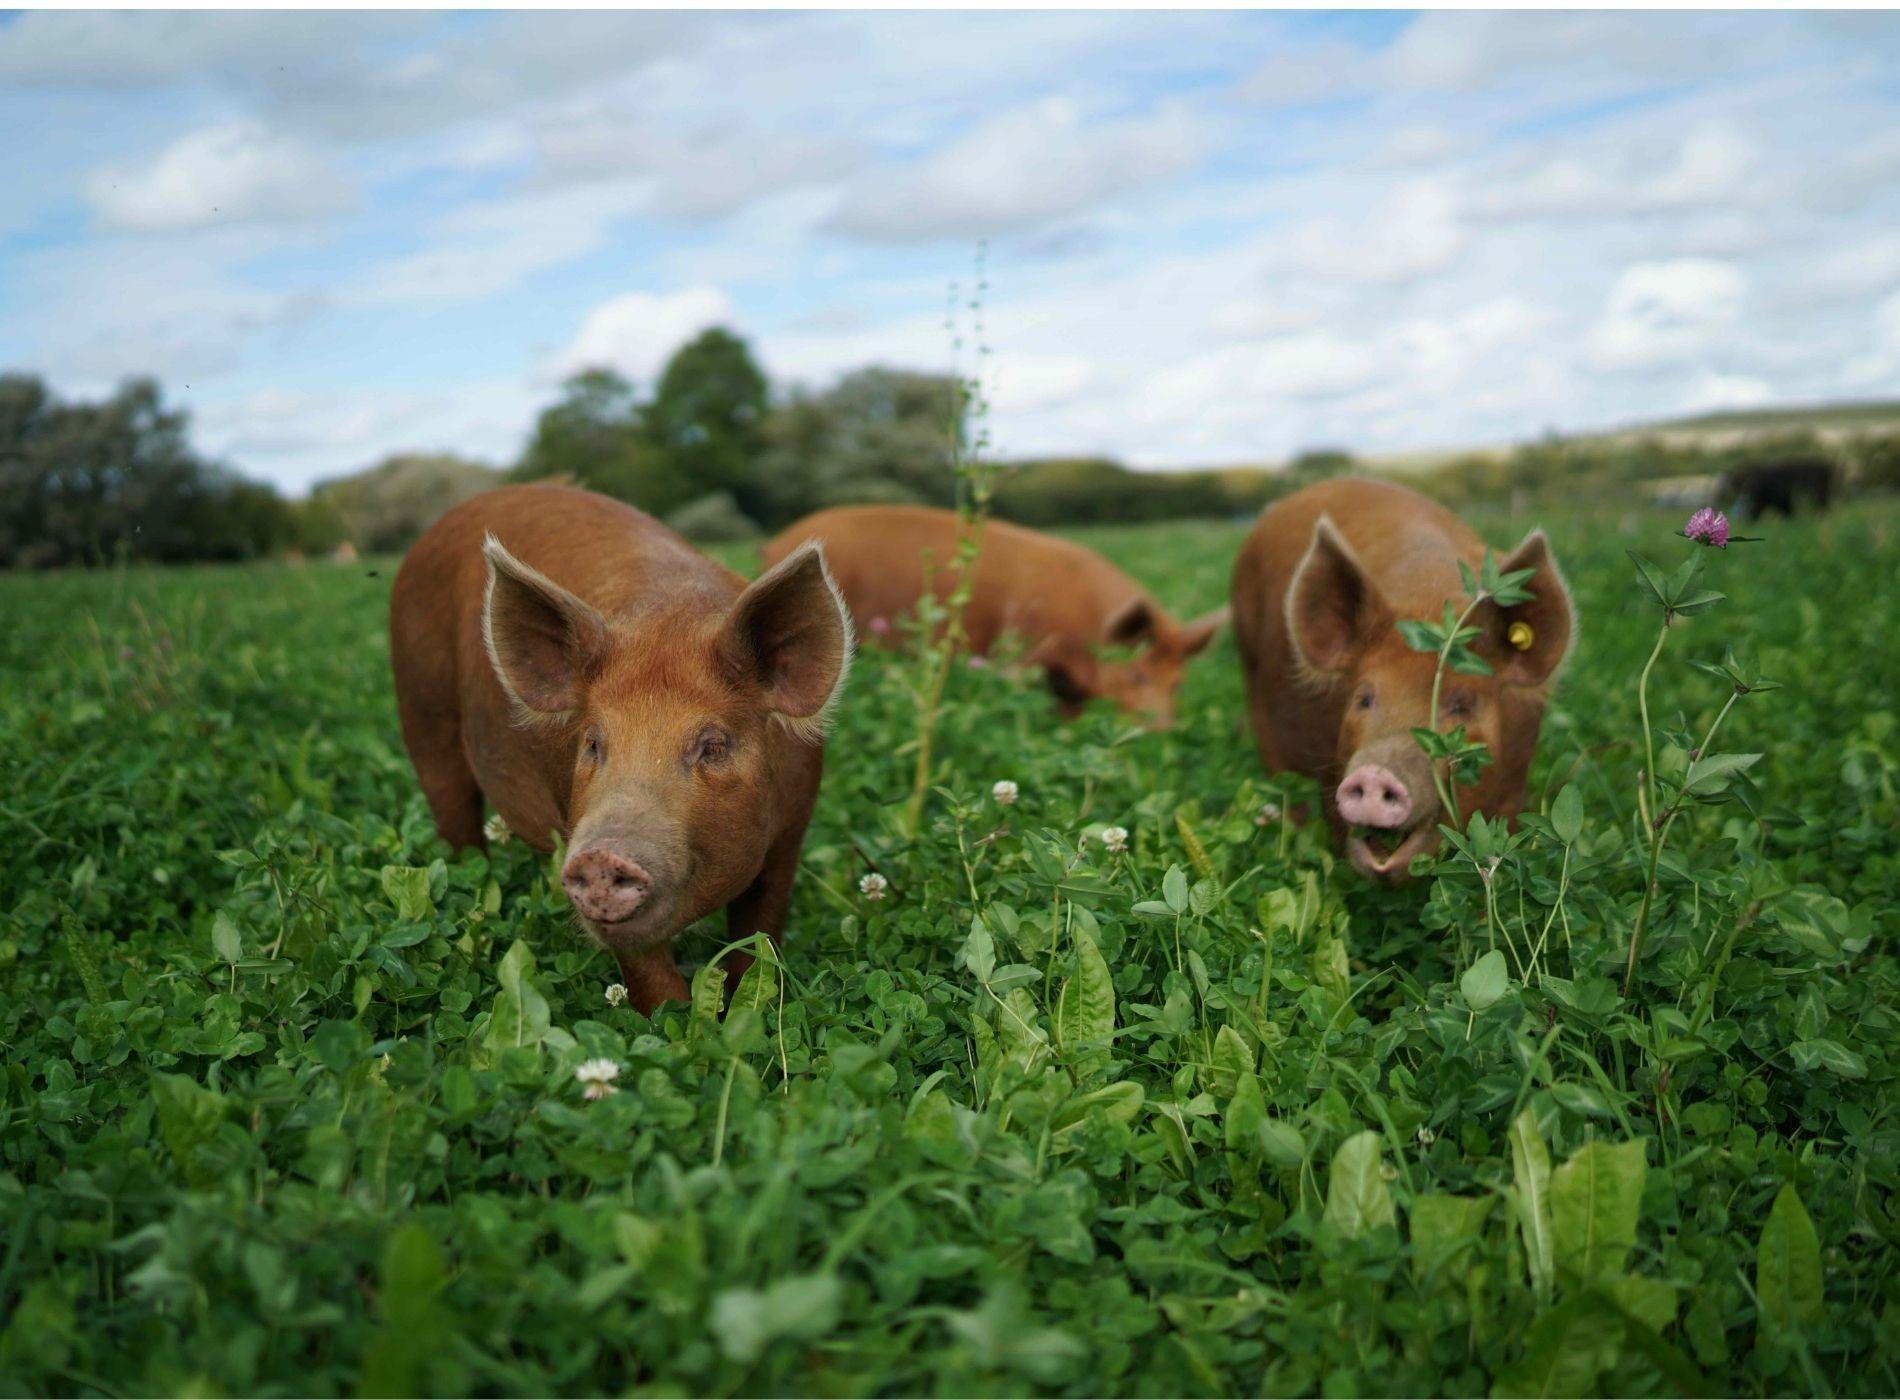 Horton farm residents